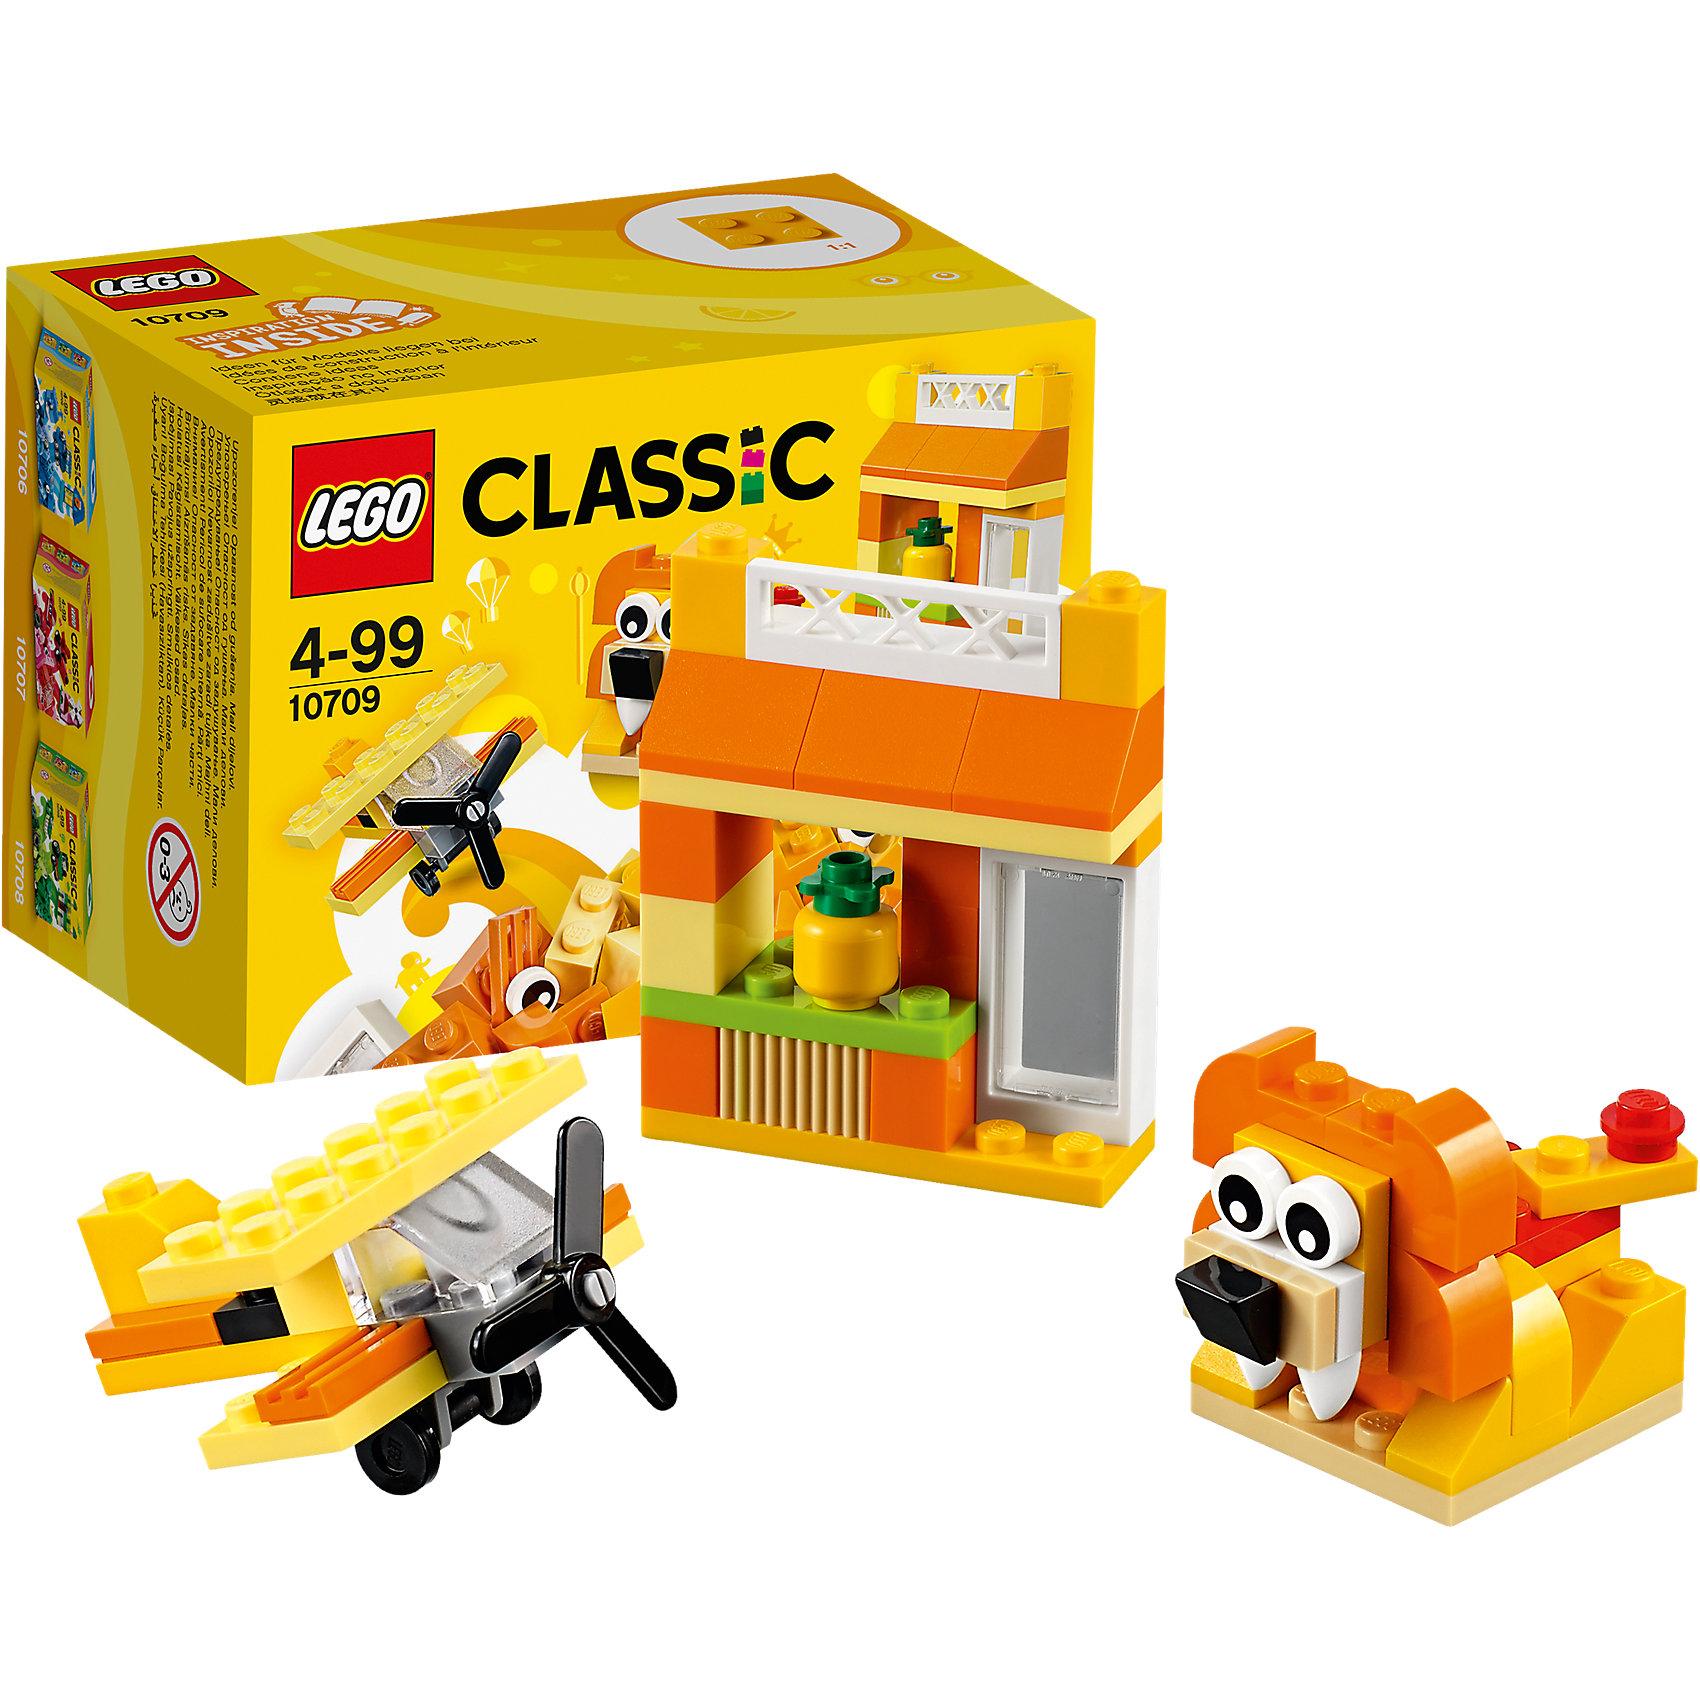 LEGO Classic 10709: Оранжевый набор для творчестваПластмассовые конструкторы<br>LEGO Classic 10709: Оранжевый набор для творчества<br><br>Характеристики:<br><br>- в набор входит: детали домика, самолета и льва, аксессуары, красочная инструкция<br>- состав: пластик<br>- количество деталей: 60 <br>- размер упаковки: 12 * 8 * 9 см.<br>- для детей в возрасте: от 4 лет<br>- Страна производитель: Дания/Китай/Чехия<br><br>Легендарный конструктор LEGO (ЛЕГО) представляет серию «Classic» (Классик), предназначенную для свободного конструирования. В наборы этой серии включены разнообразные детали, позволяющие строить в свое удовольствие и на свое усмотрение. Оранжевый набор для творчества включает в себя детали с колесиками, две детали глаз, прозрачную деталь ветрового стекла и стандартные детали. С помощью этого набора можно собрать по инструкции льва, дом и самолет, а также придумать свои транспортные средства, своих животных и свой домик. В оранжевом наборе представлено пять оттенков оранжевого, а также белые, серые, черные и зеленые детали. Красочна инструкция предлагает варианты комбинирования наборов и новые интересные постройки. Играя с конструктором ребенок развивает моторику рук, воображение и логическое мышление. Воплотите в жизнь свои идеи с помощью набора LEGO «Classic»!<br><br>Конструктор LEGO Classic 10709: Оранжевый набор для творчества можно купить в нашем интернет-магазине.<br><br>Ширина мм: 122<br>Глубина мм: 90<br>Высота мм: 79<br>Вес г: 91<br>Возраст от месяцев: 48<br>Возраст до месяцев: 144<br>Пол: Унисекс<br>Возраст: Детский<br>SKU: 5002502